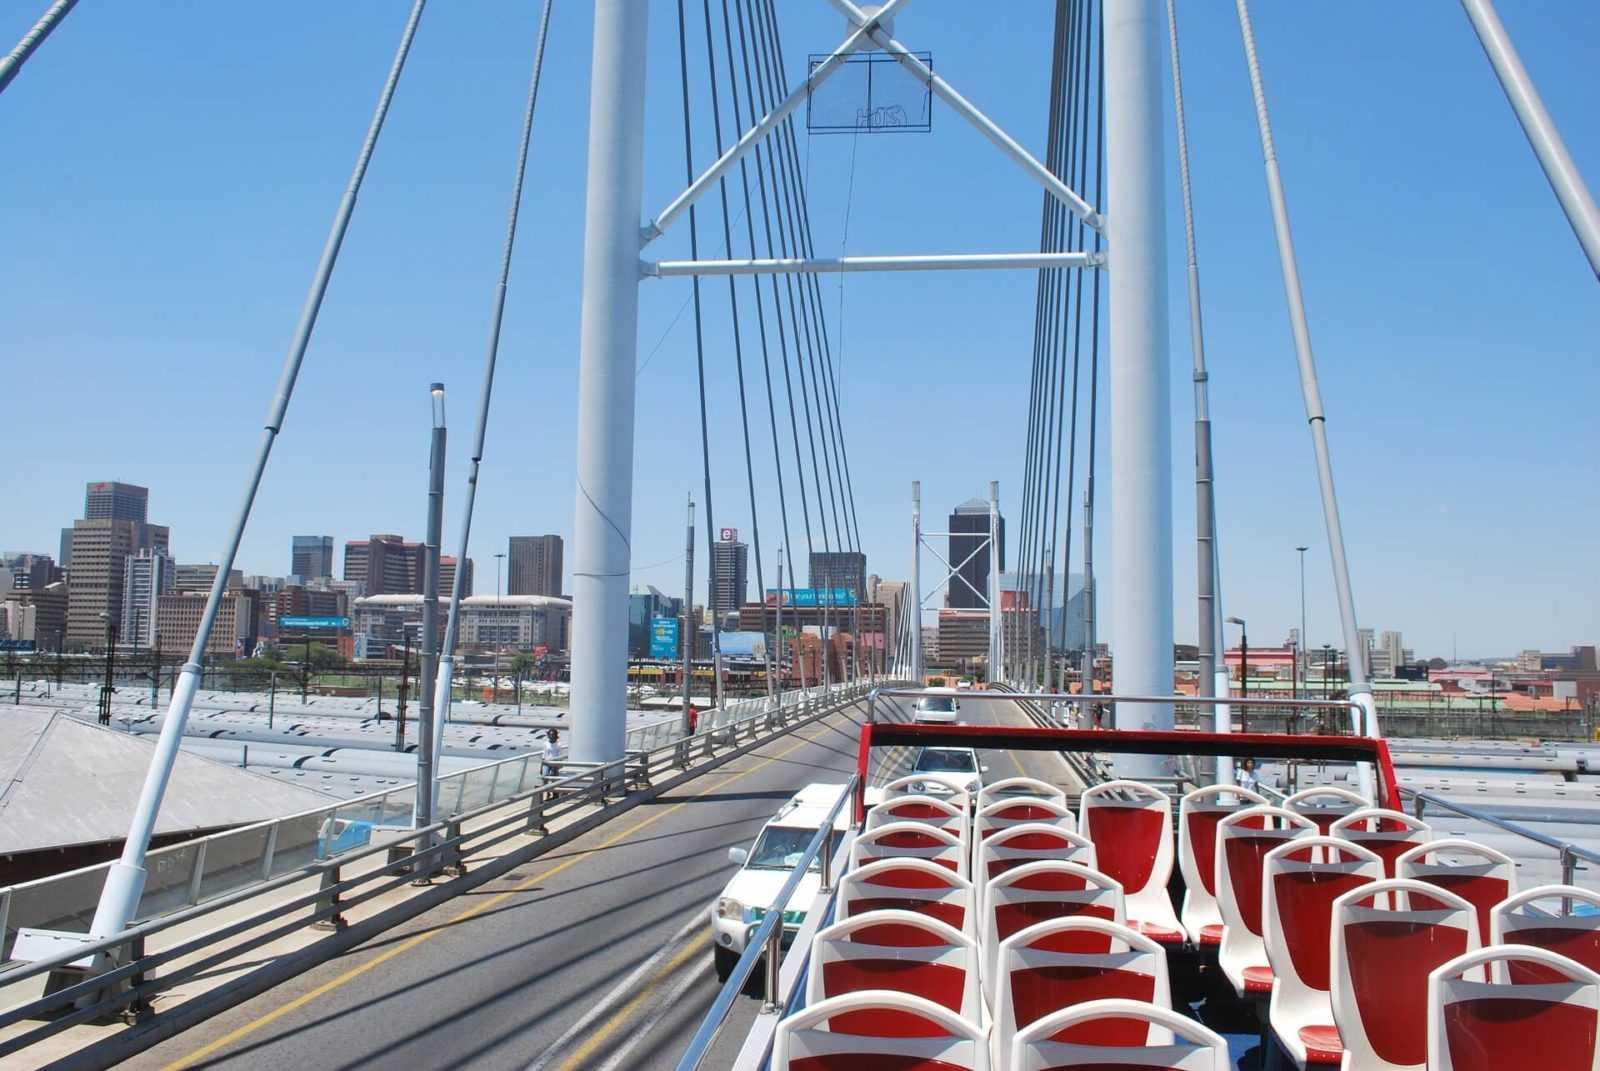 Nelson Mandela Bridge - Things to do in Johannesburg